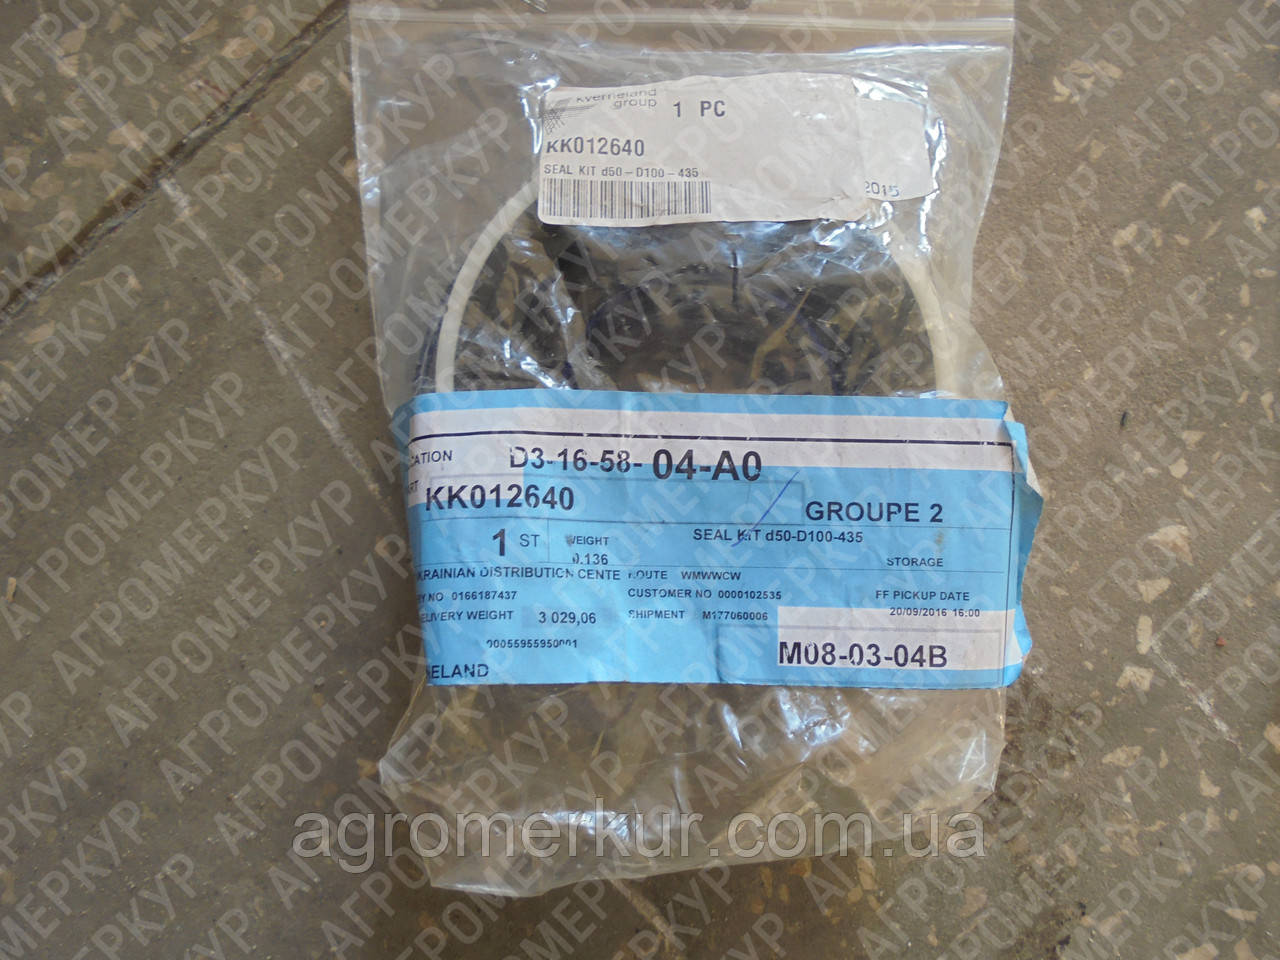 Рем. комплект циліндра гідравлічного  d50-D100-435 KK012640 Kverneland